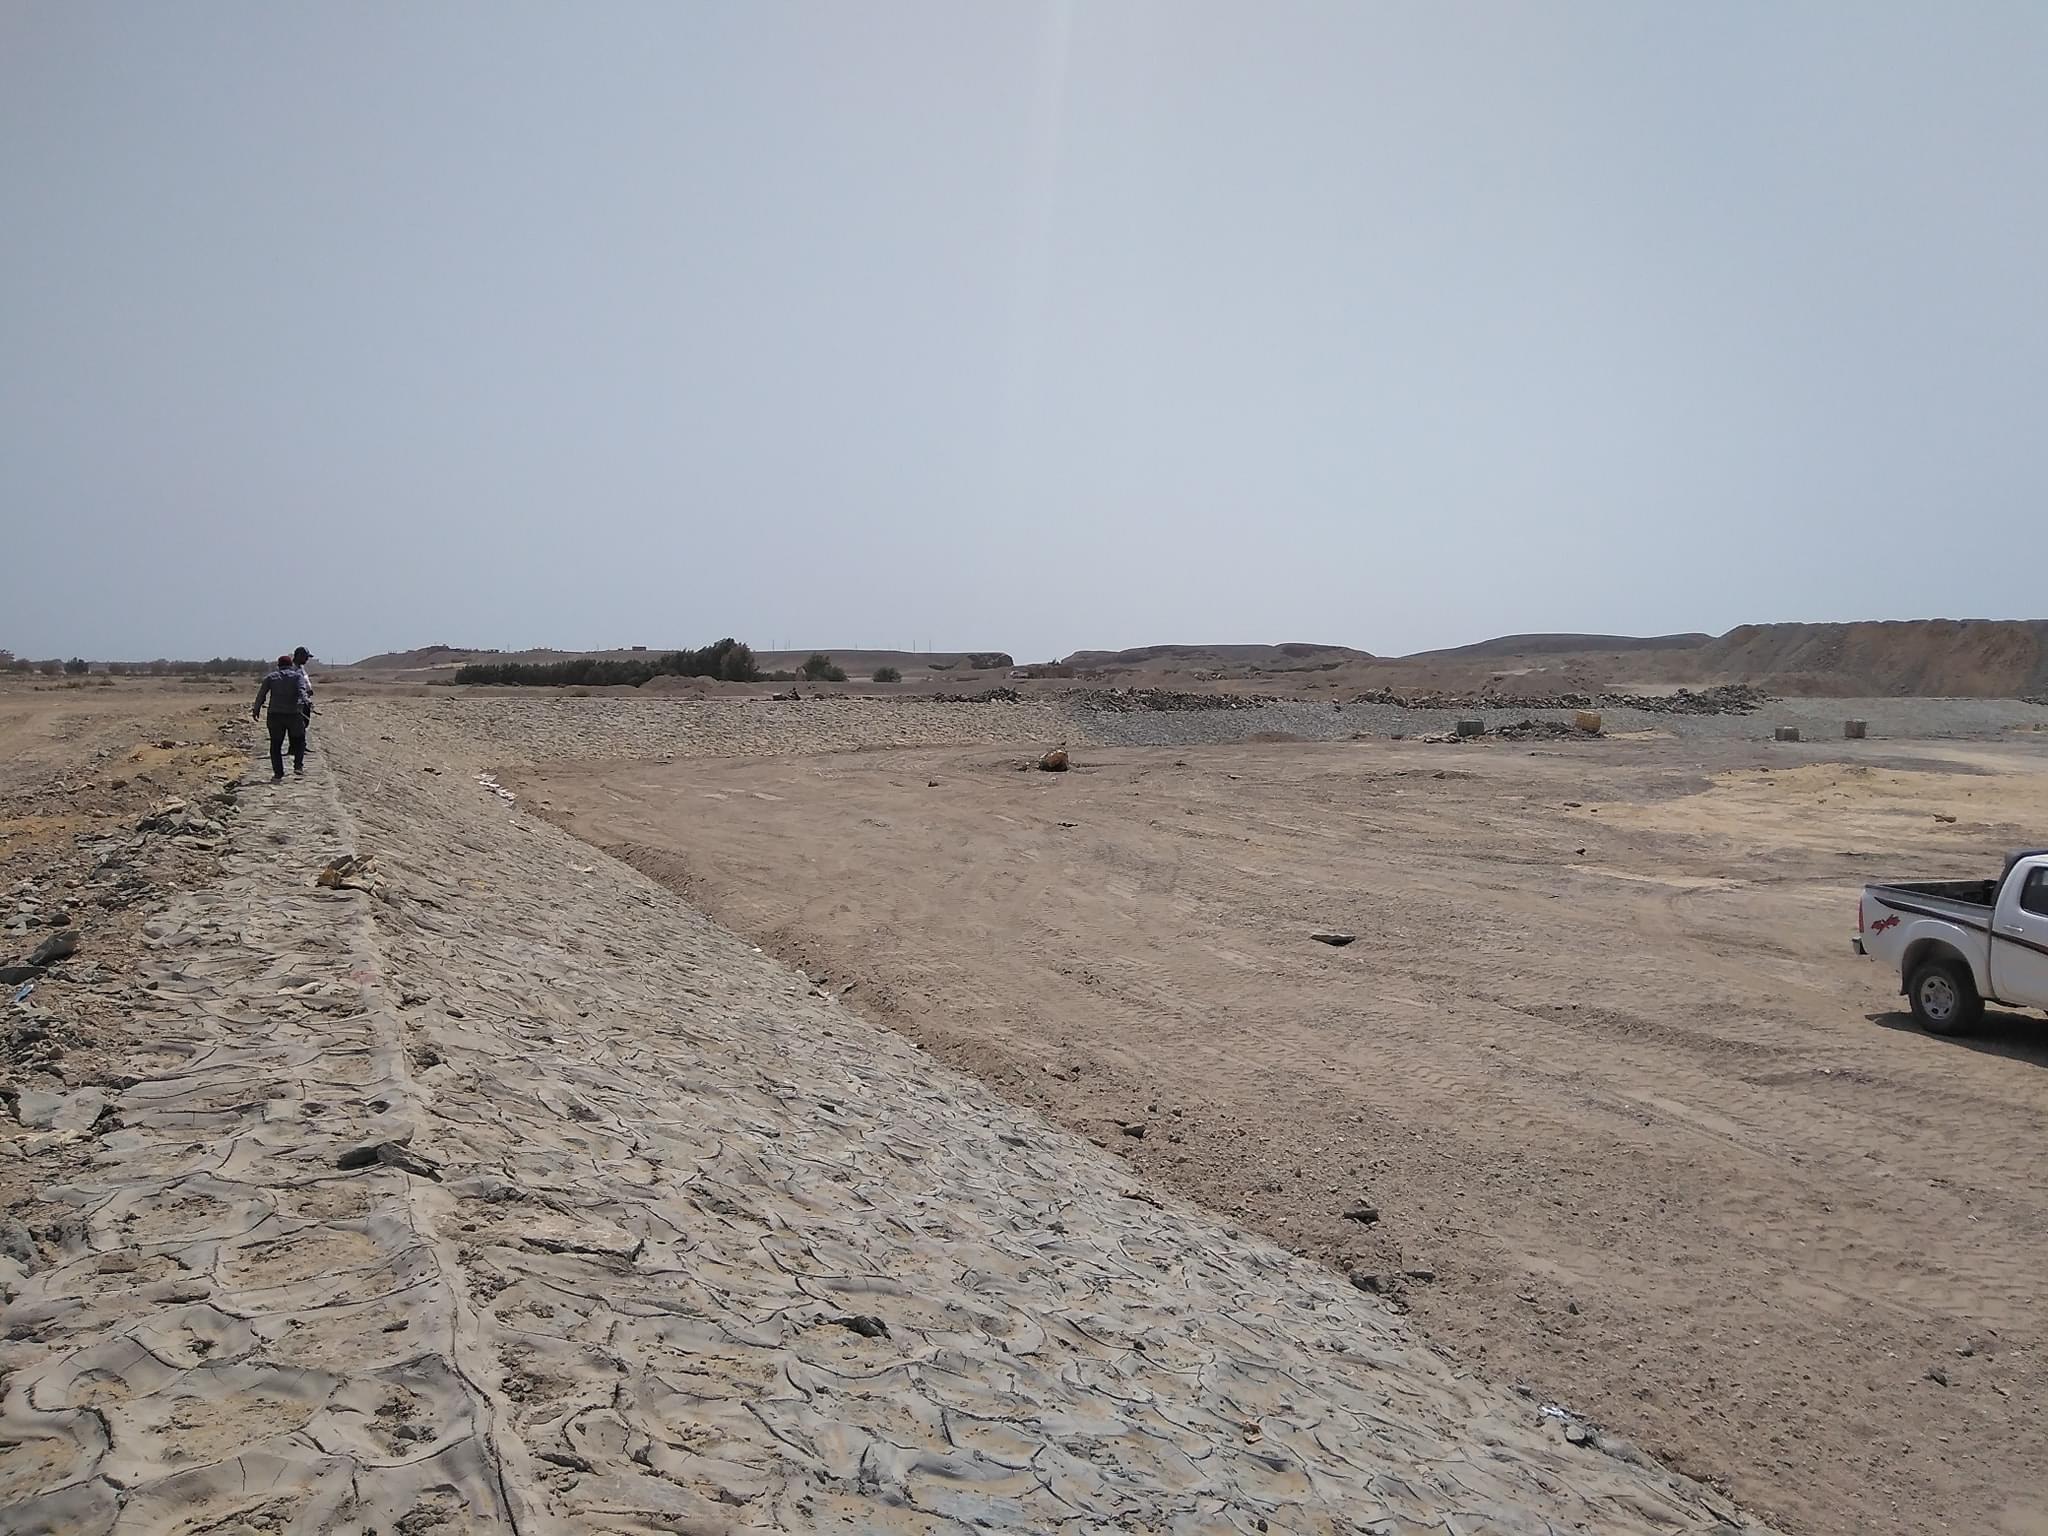 المرحلة الثانية لمشروعات مجابهة السيول بالبحر الأحمر  (2)